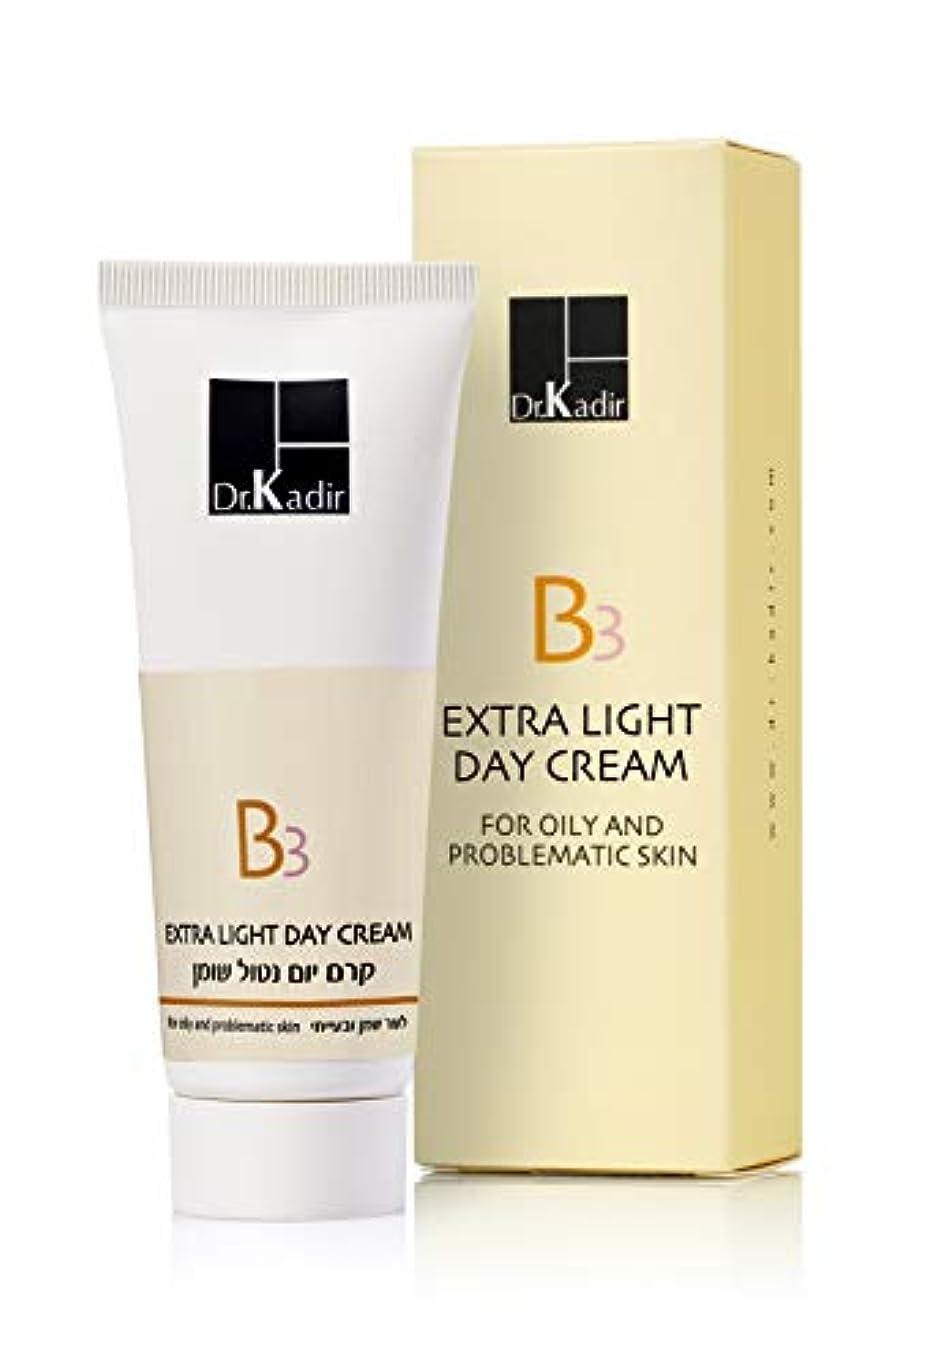 アーカイブ変更可能マージDr. Kadir B3 Extra Light Day Cream for Oily and Problematic Skin 75ml